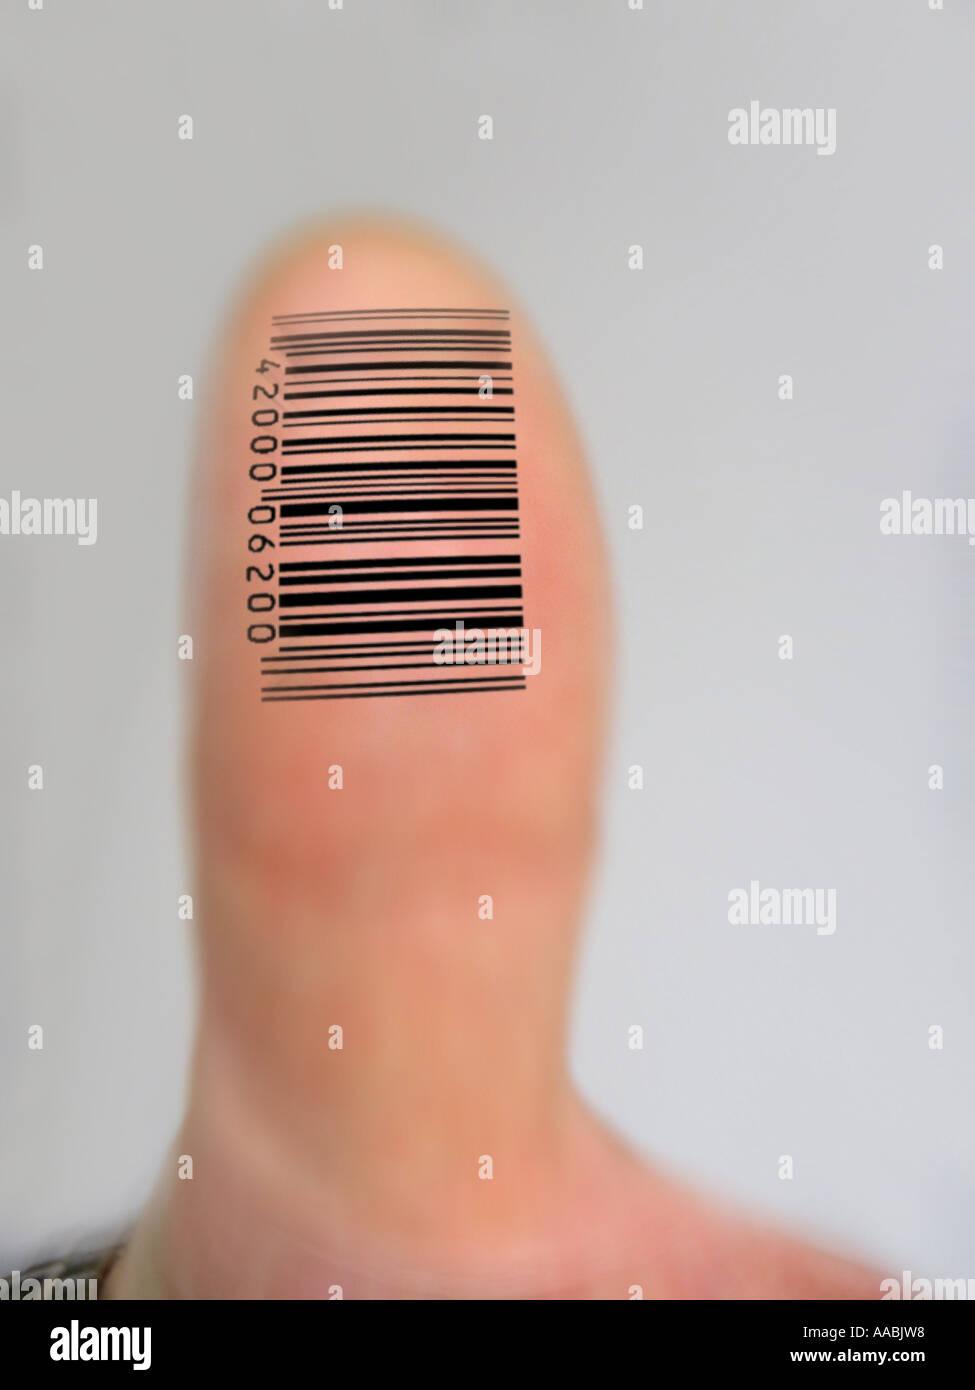 digital fingerprint Stock Photo